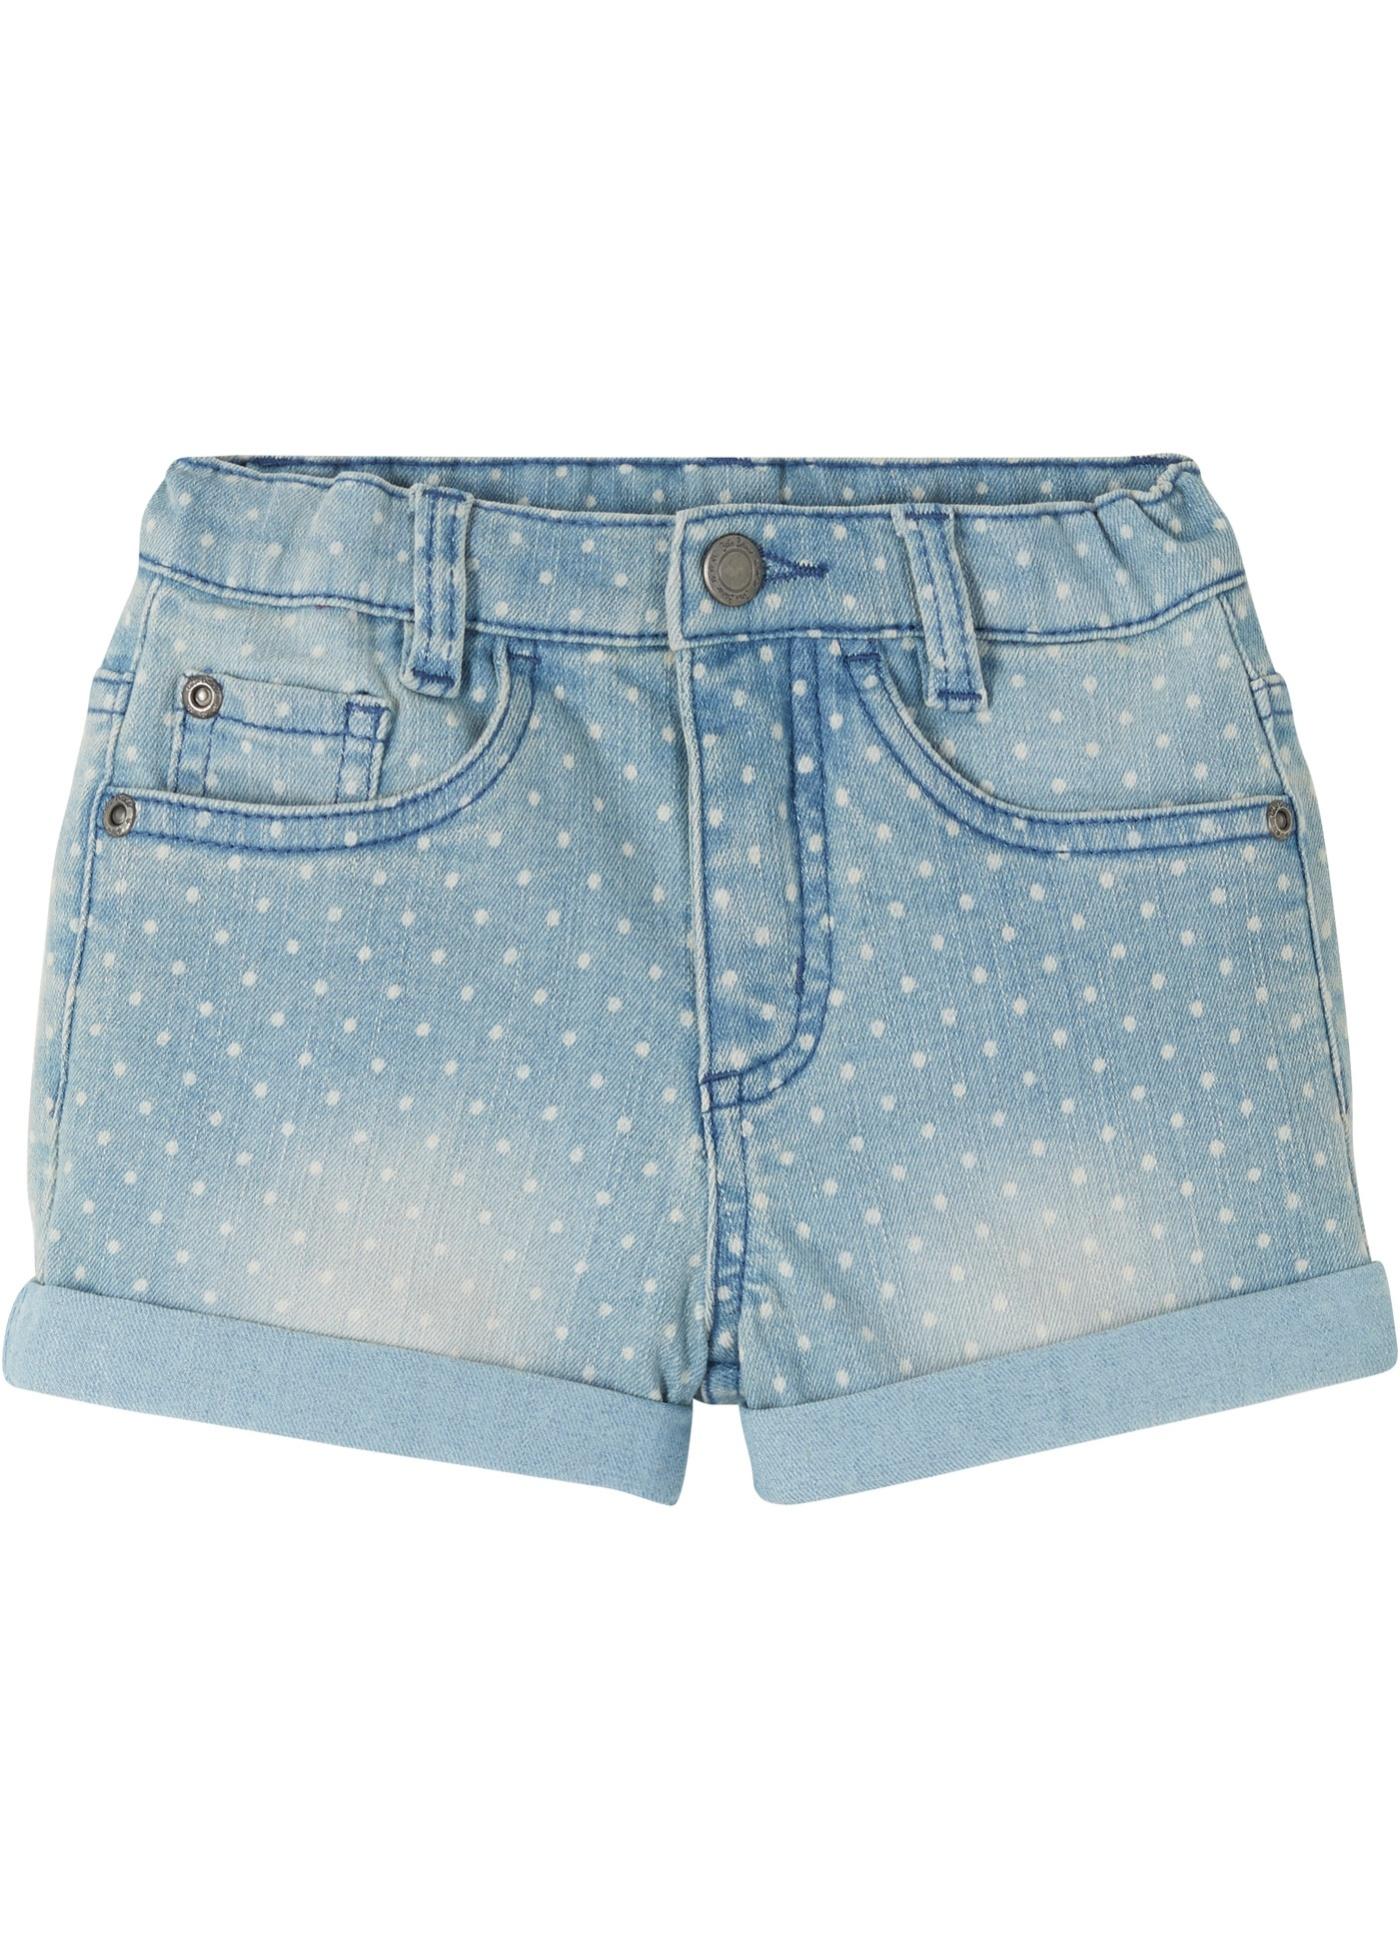 Mädchen Jeans-Shorts in blau für Mädchen von bonprix